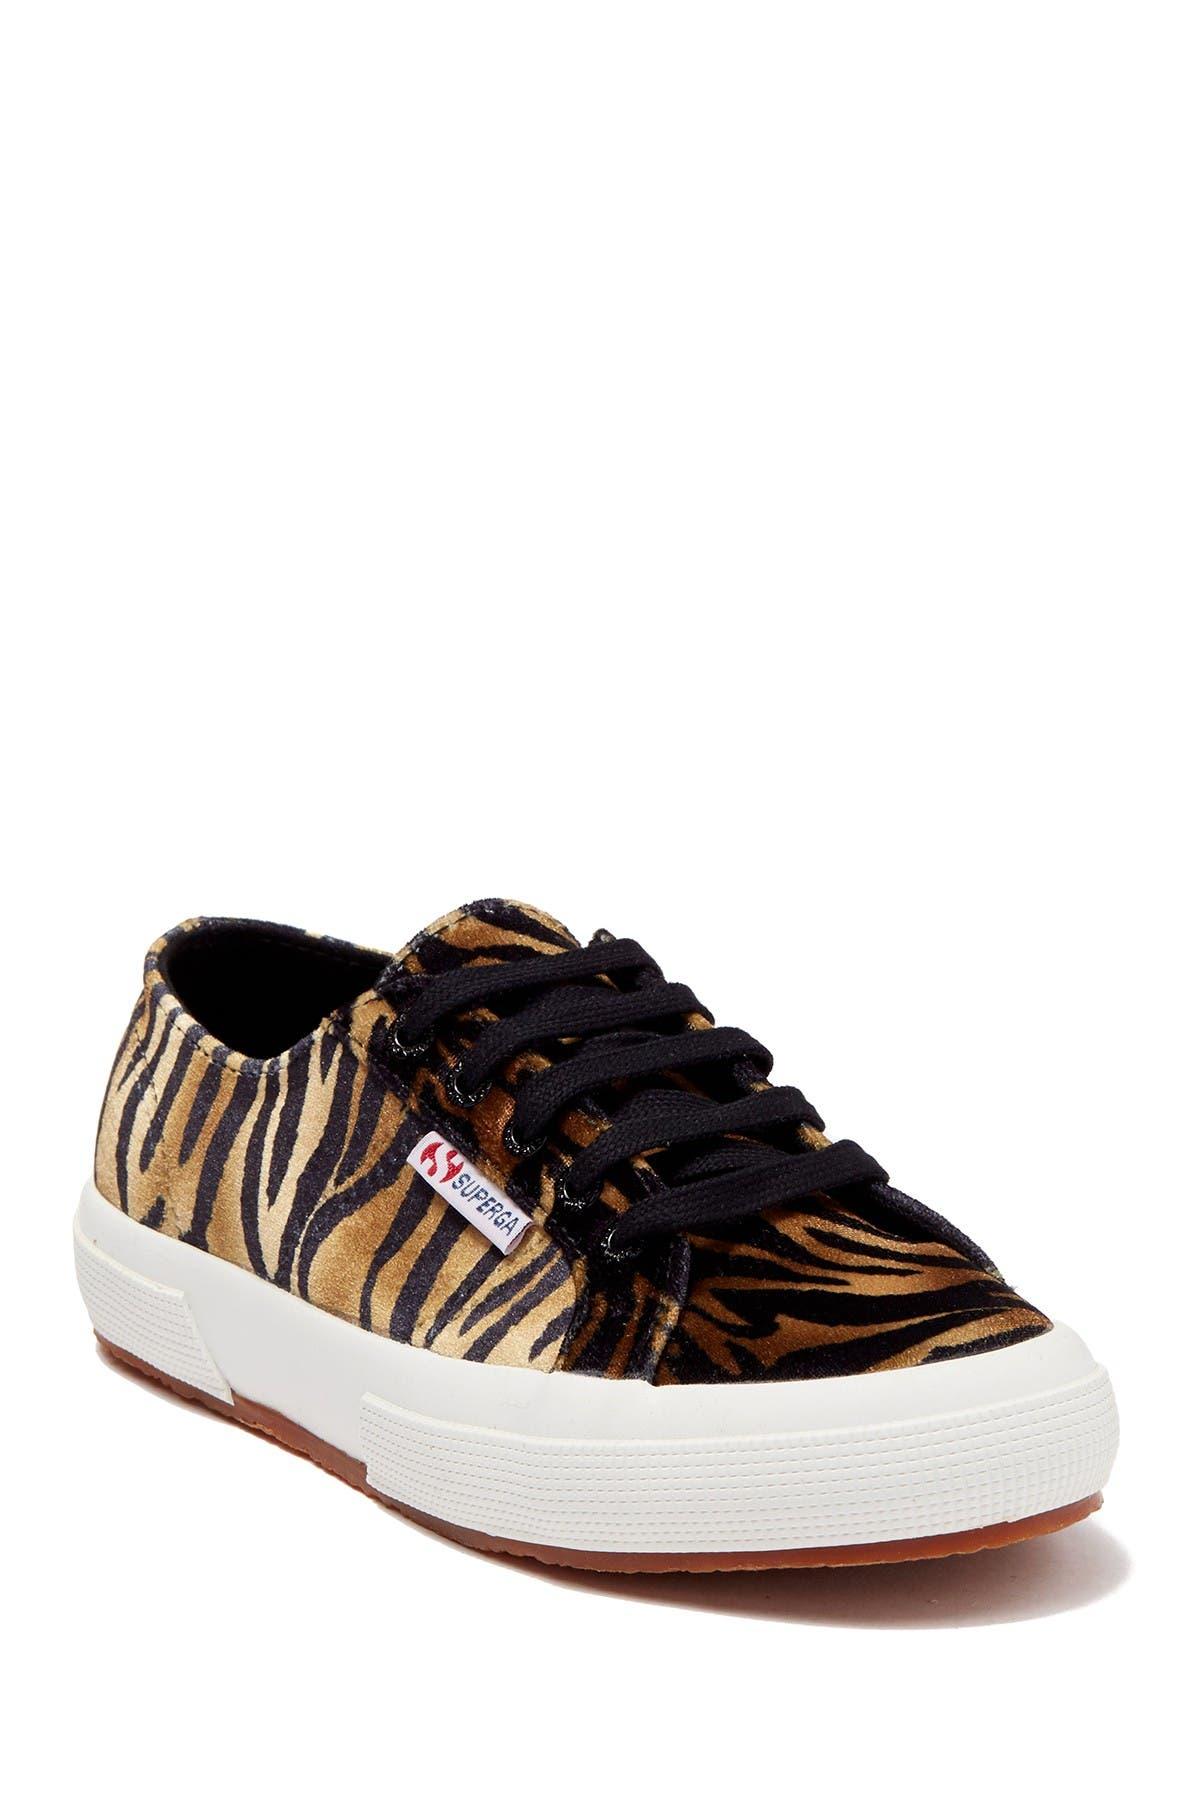 Superga | 2750 Printed Sneaker